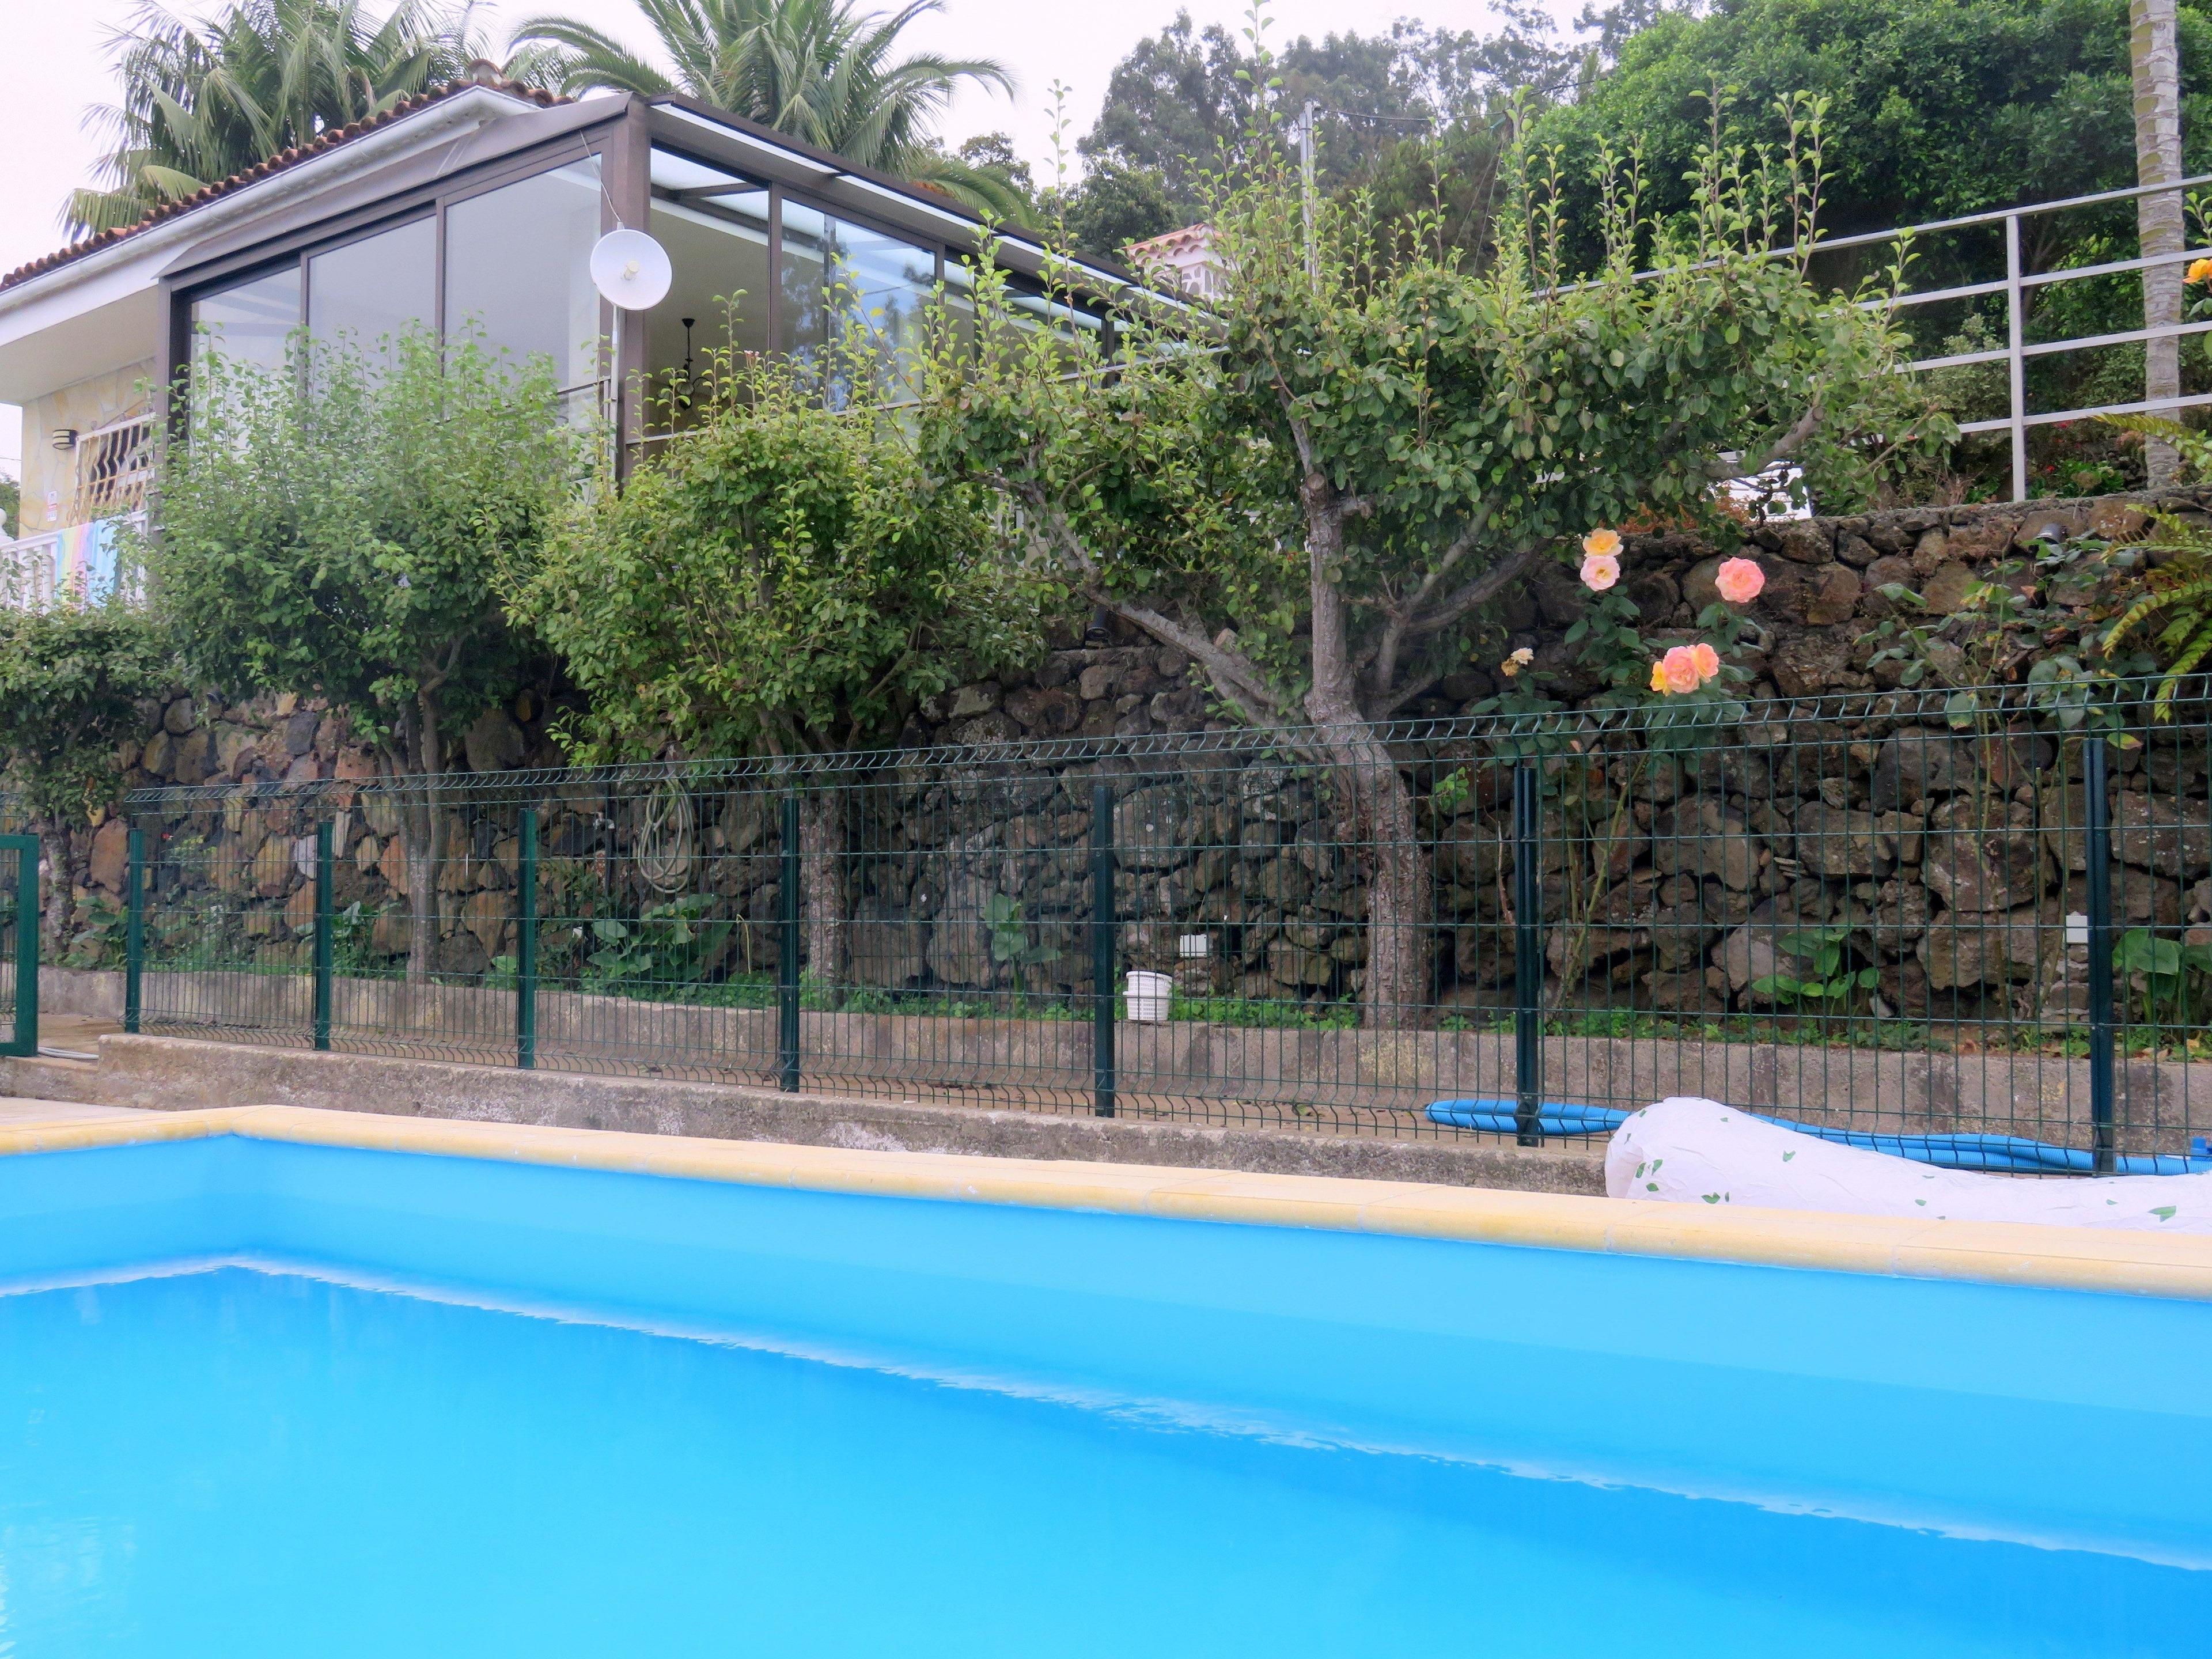 Maison de vacances Finca Panoramica Teidemar, 3 Schlafzimmer/Bäder, tolle Fernsicht, Gärten, Pool, Grill und  (2492991), Santa Ursula, Ténérife, Iles Canaries, Espagne, image 24